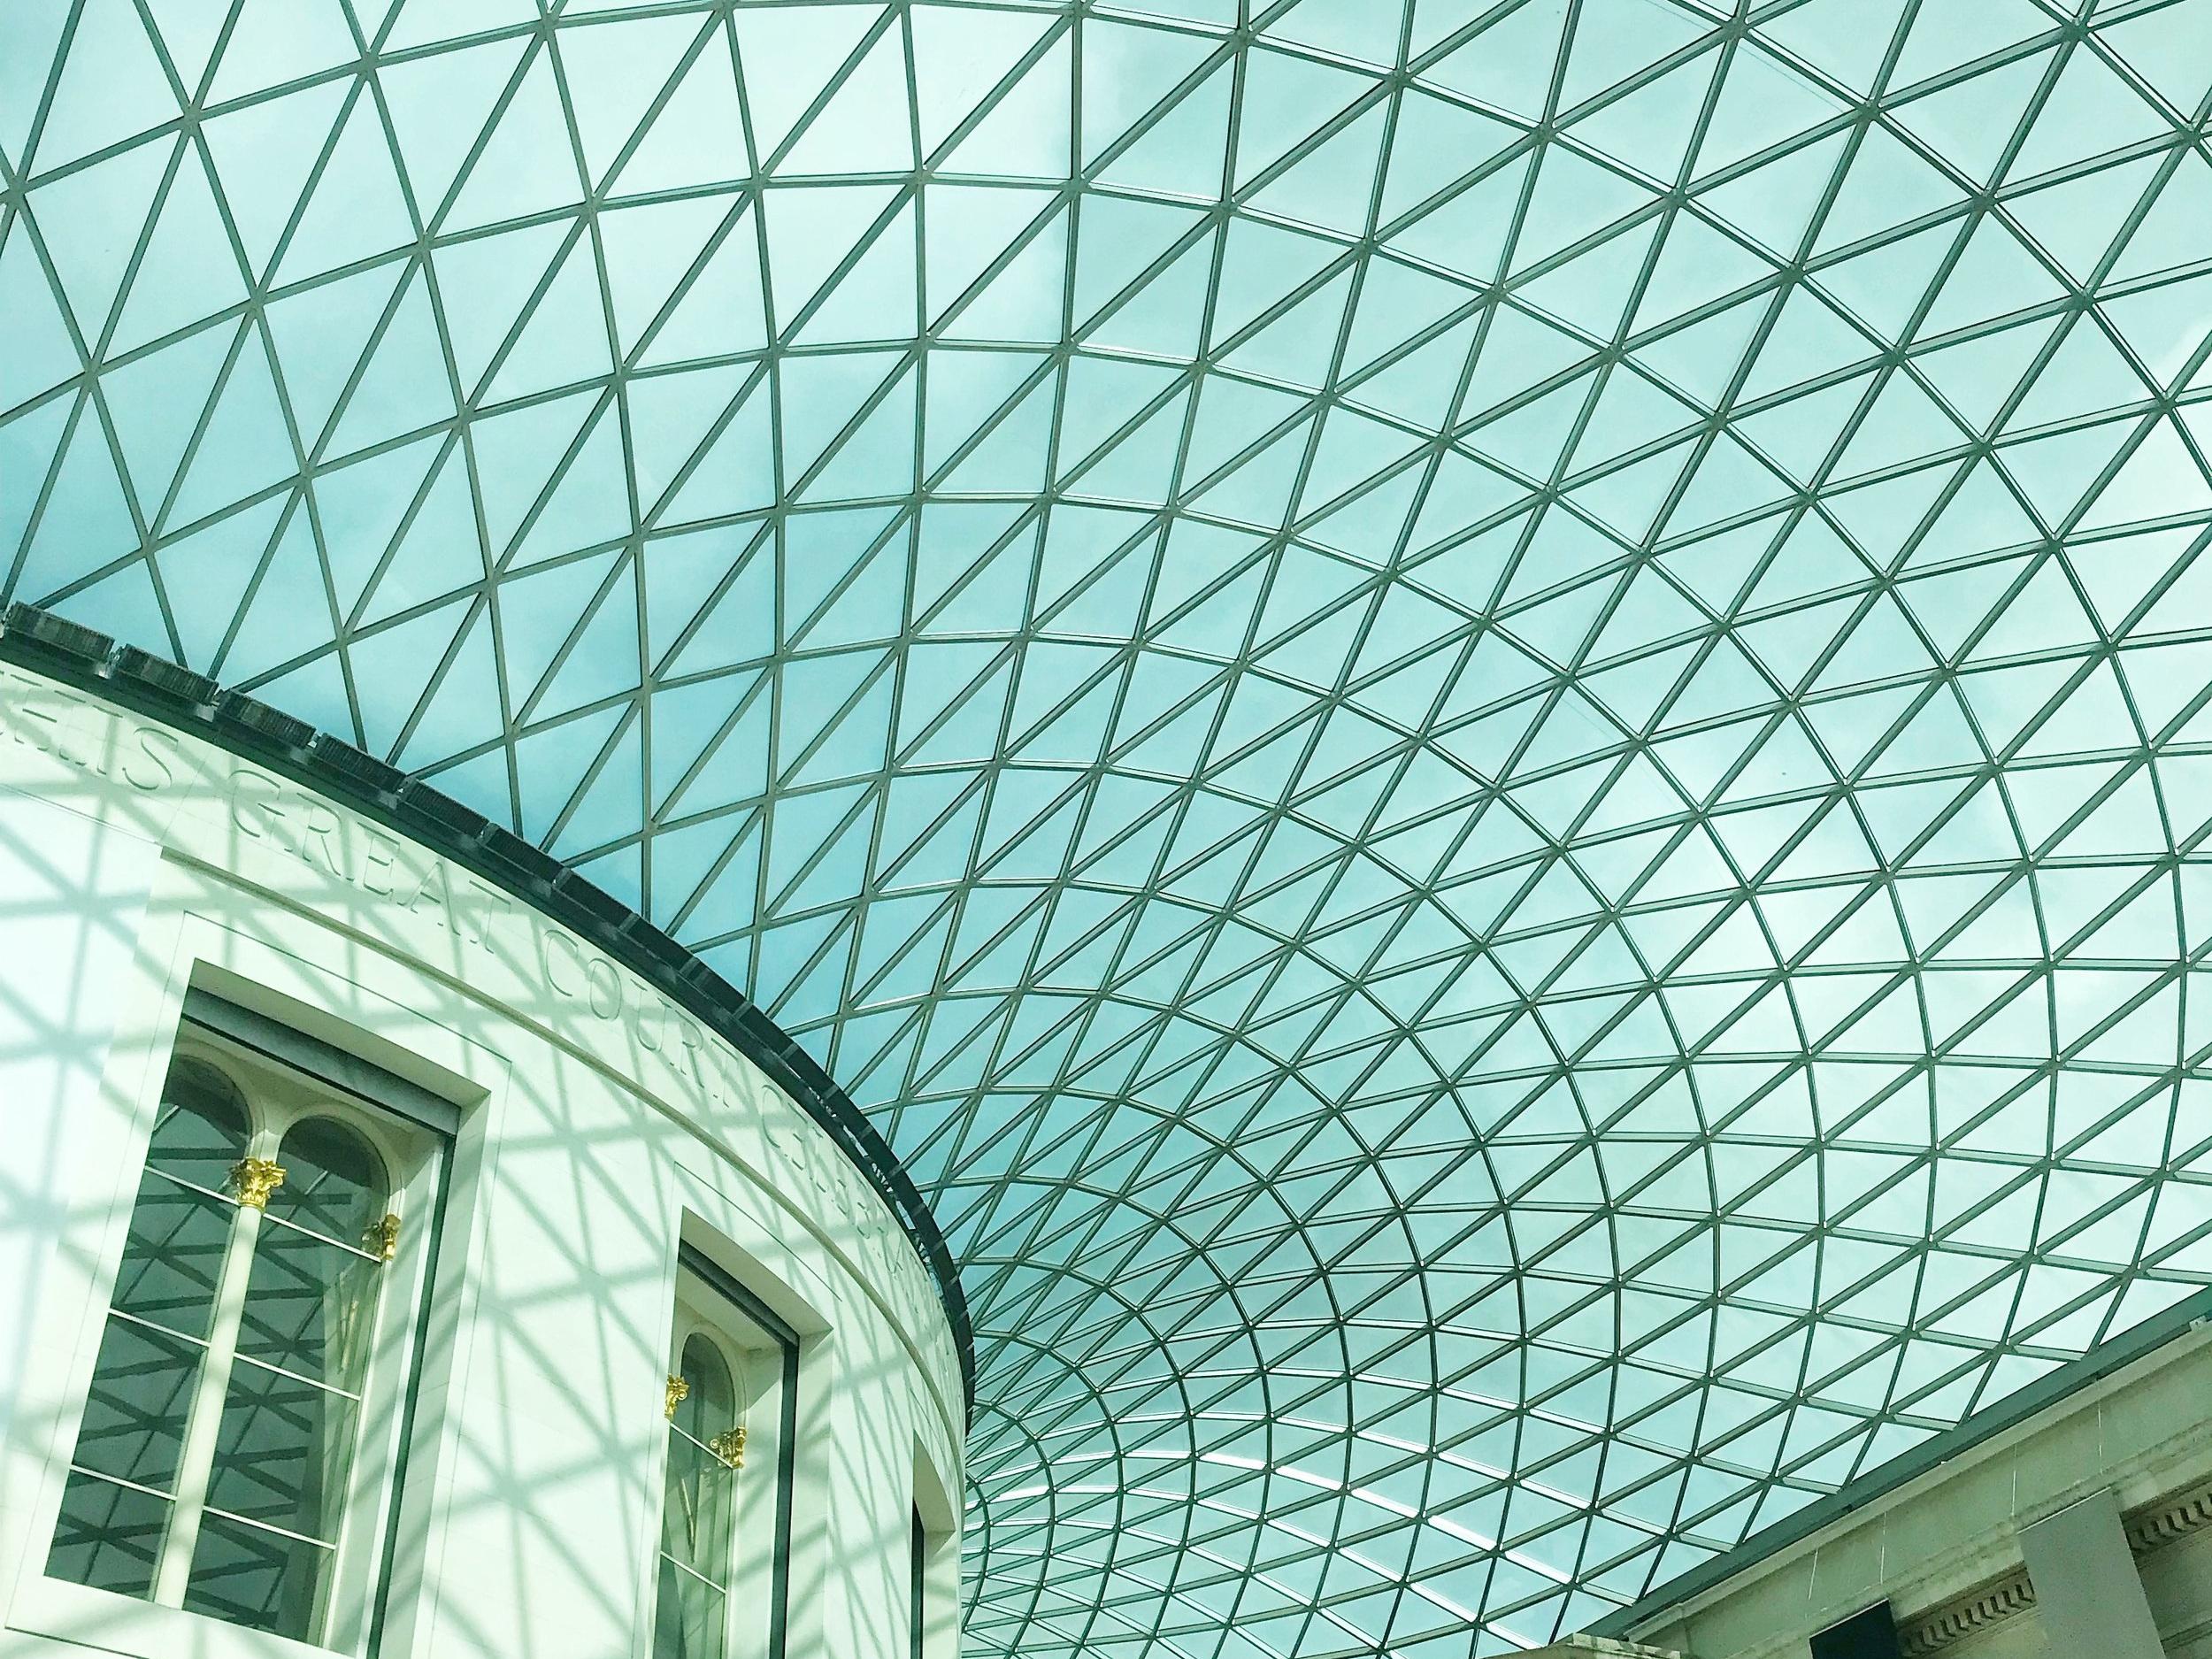 Visit London - British Museum